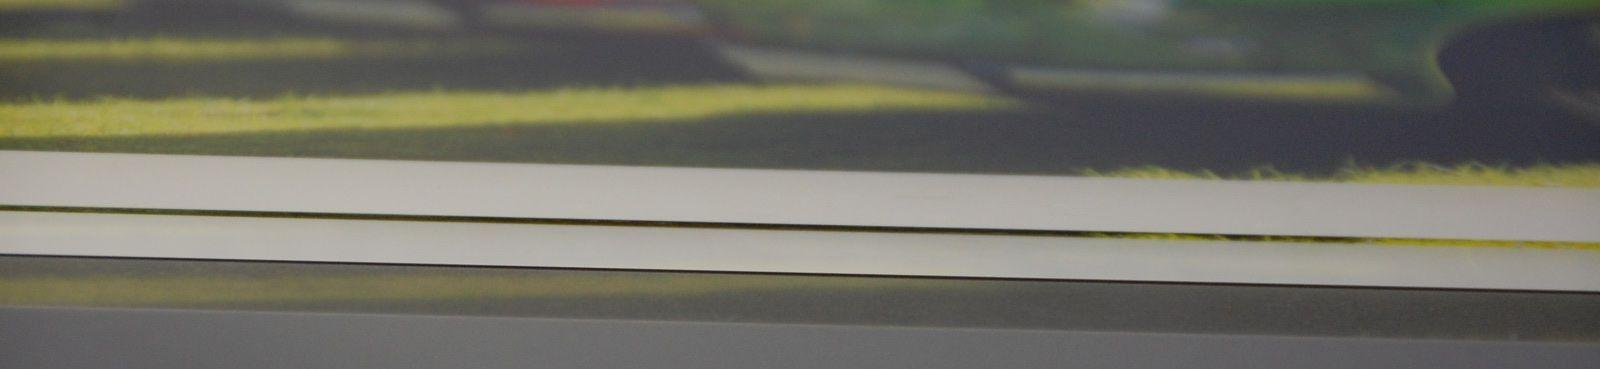 Stampa e taglia plex a filo lucido